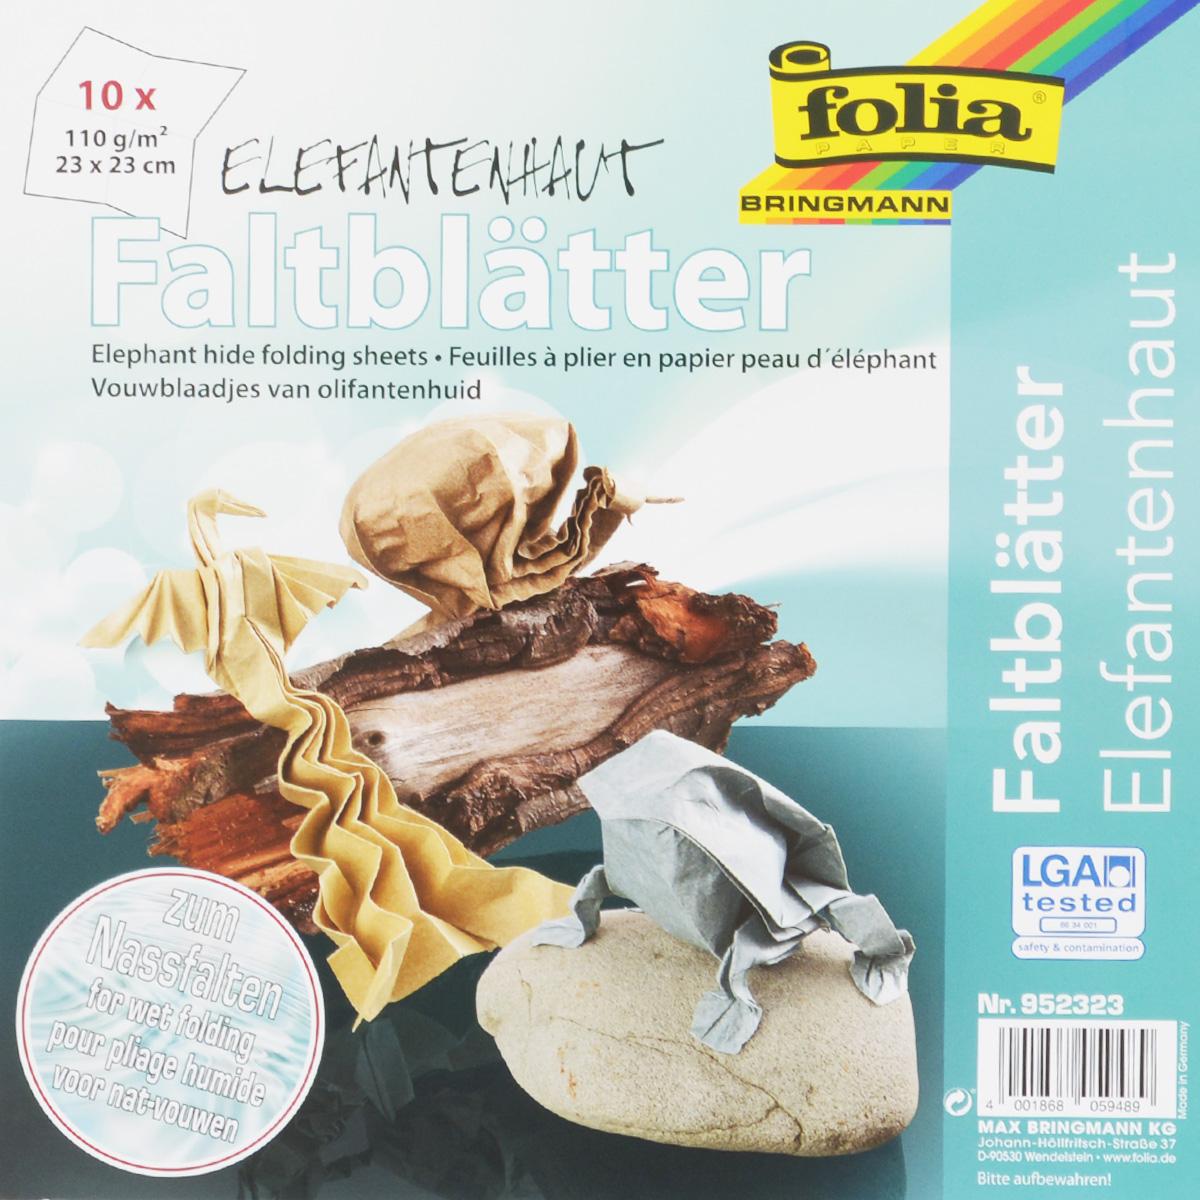 Бумага для оригами Folia, с увлажнением, 23 х 33 см, 10 листовSS 4041Набор специальной цветной бумаги для оригами Folia содержит 10 листов разного цвета, которые помогут вам и вашему ребенку сделать яркие и разнообразные фигурки. В набор входит бумага пяти цветов: белого, светло-коричневого, светло-желтого, светло-серого и светло-голубого. Листы необходимо смочить, до того как вы начнете работу с ними. Эти листы можно использовать для оригами, украшения для садового подсвечника или для создания новогодних звезд. Бумага хорошо комбинируется с цветным картоном.За свою многовековую историю оригами прошло путь от храмовых обрядов до искусства, дарящего радость и красоту миллионам людей во всем мире. Складывание и художественное оформление фигурок оригами интересно заполнят свободное время, доставят огромное удовольствие, радость и взрослым и детям. Увлекательные занятия оригами развивают мелкую моторику рук, воображение, мышление, воспитывают волевые качества и совершенствуют художественный вкус ребенка.Плотность бумаги: 110 г/м2.Размер листа: 23 см х 23 см.